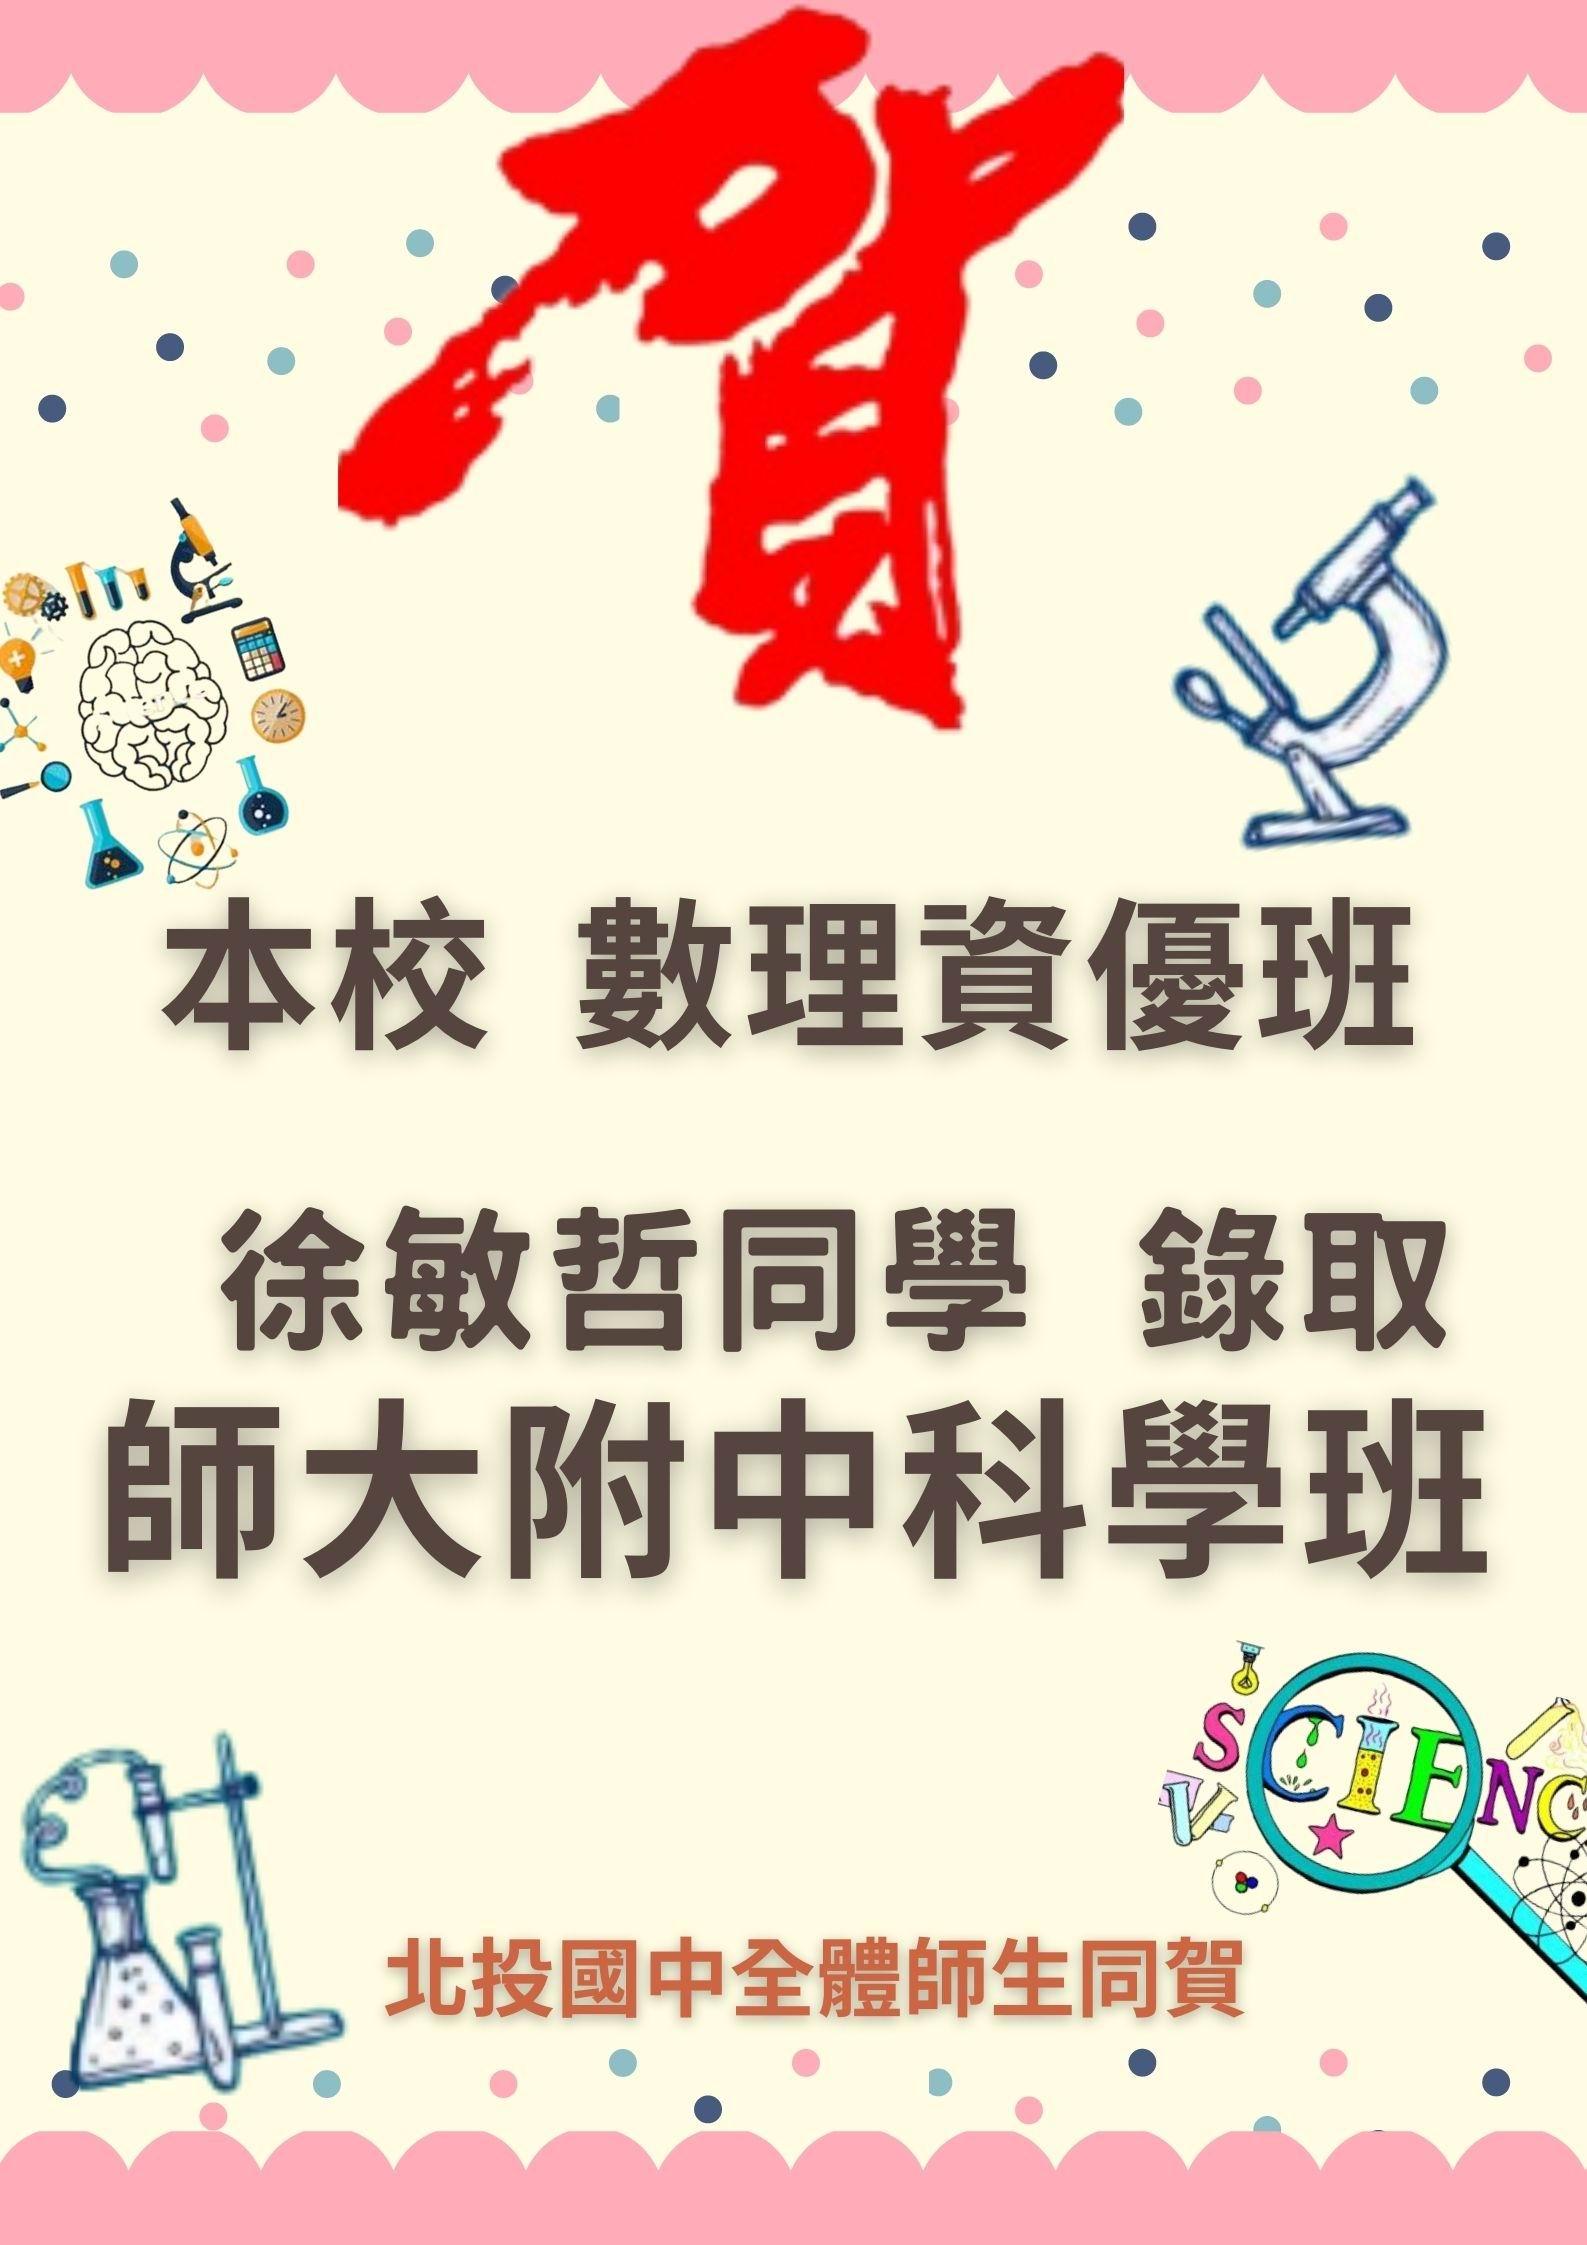 本校901徐敏哲錄取師大附中科學班代表照片